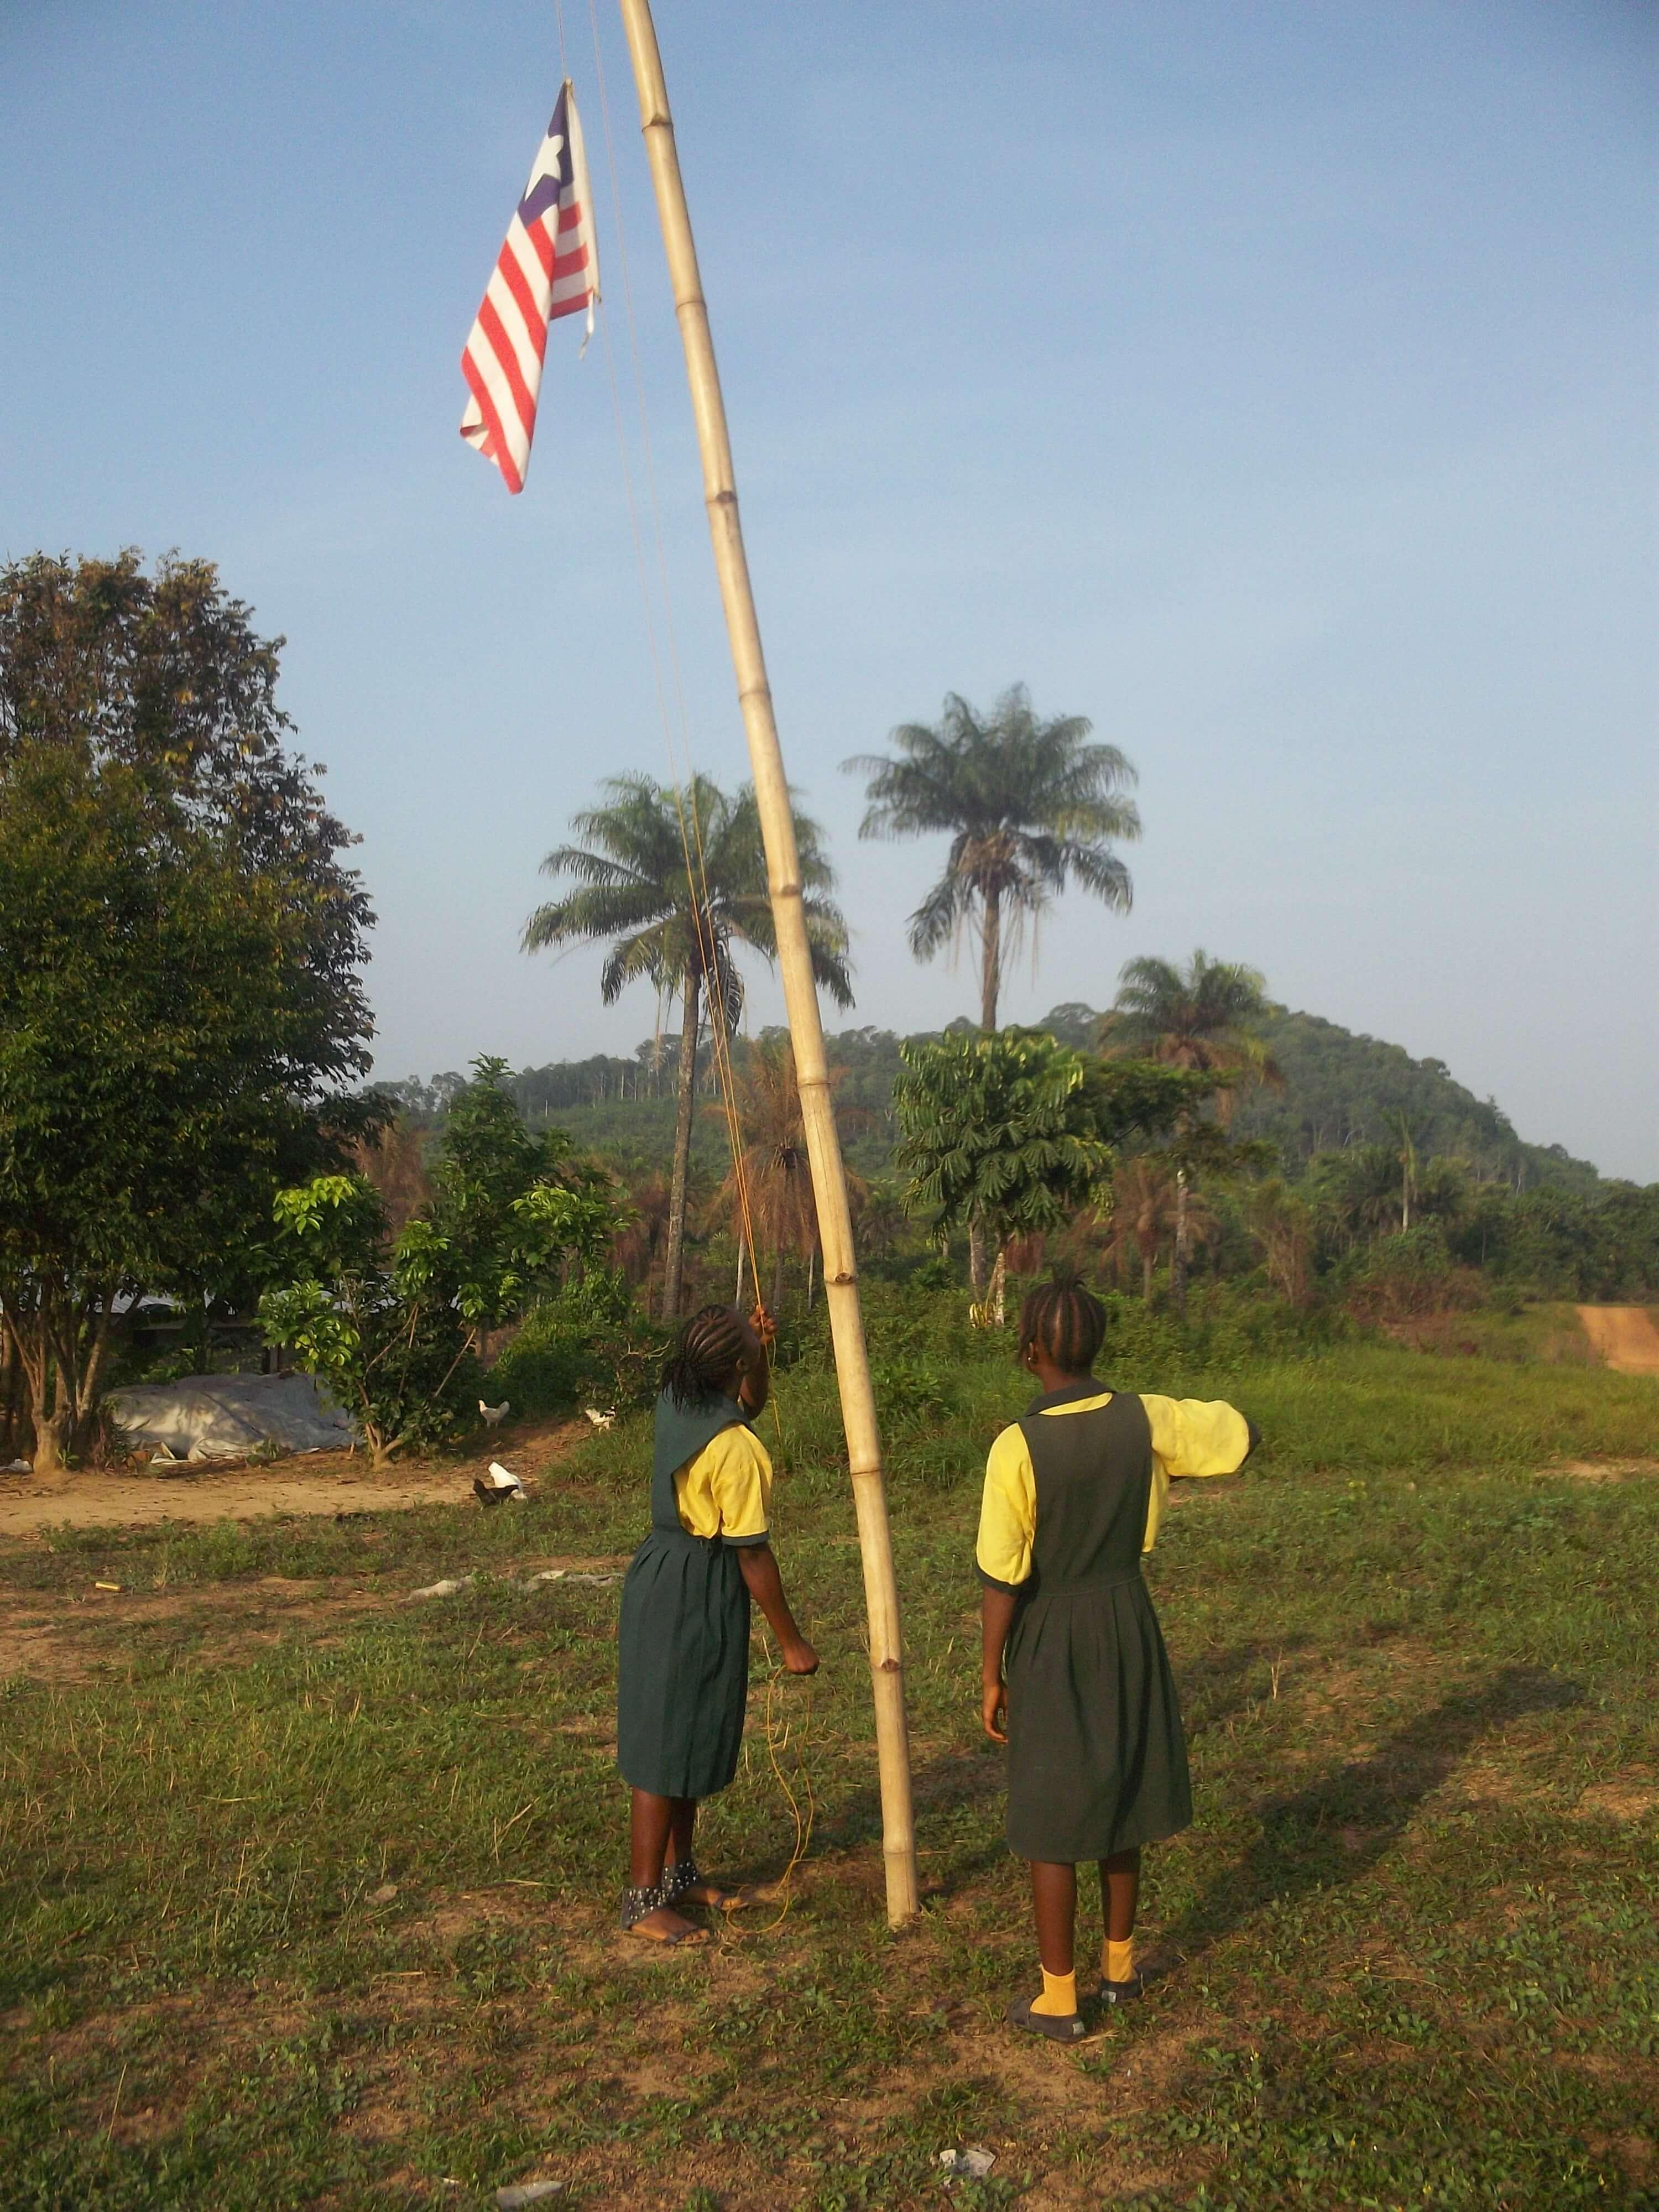 Et salut au drapeau !